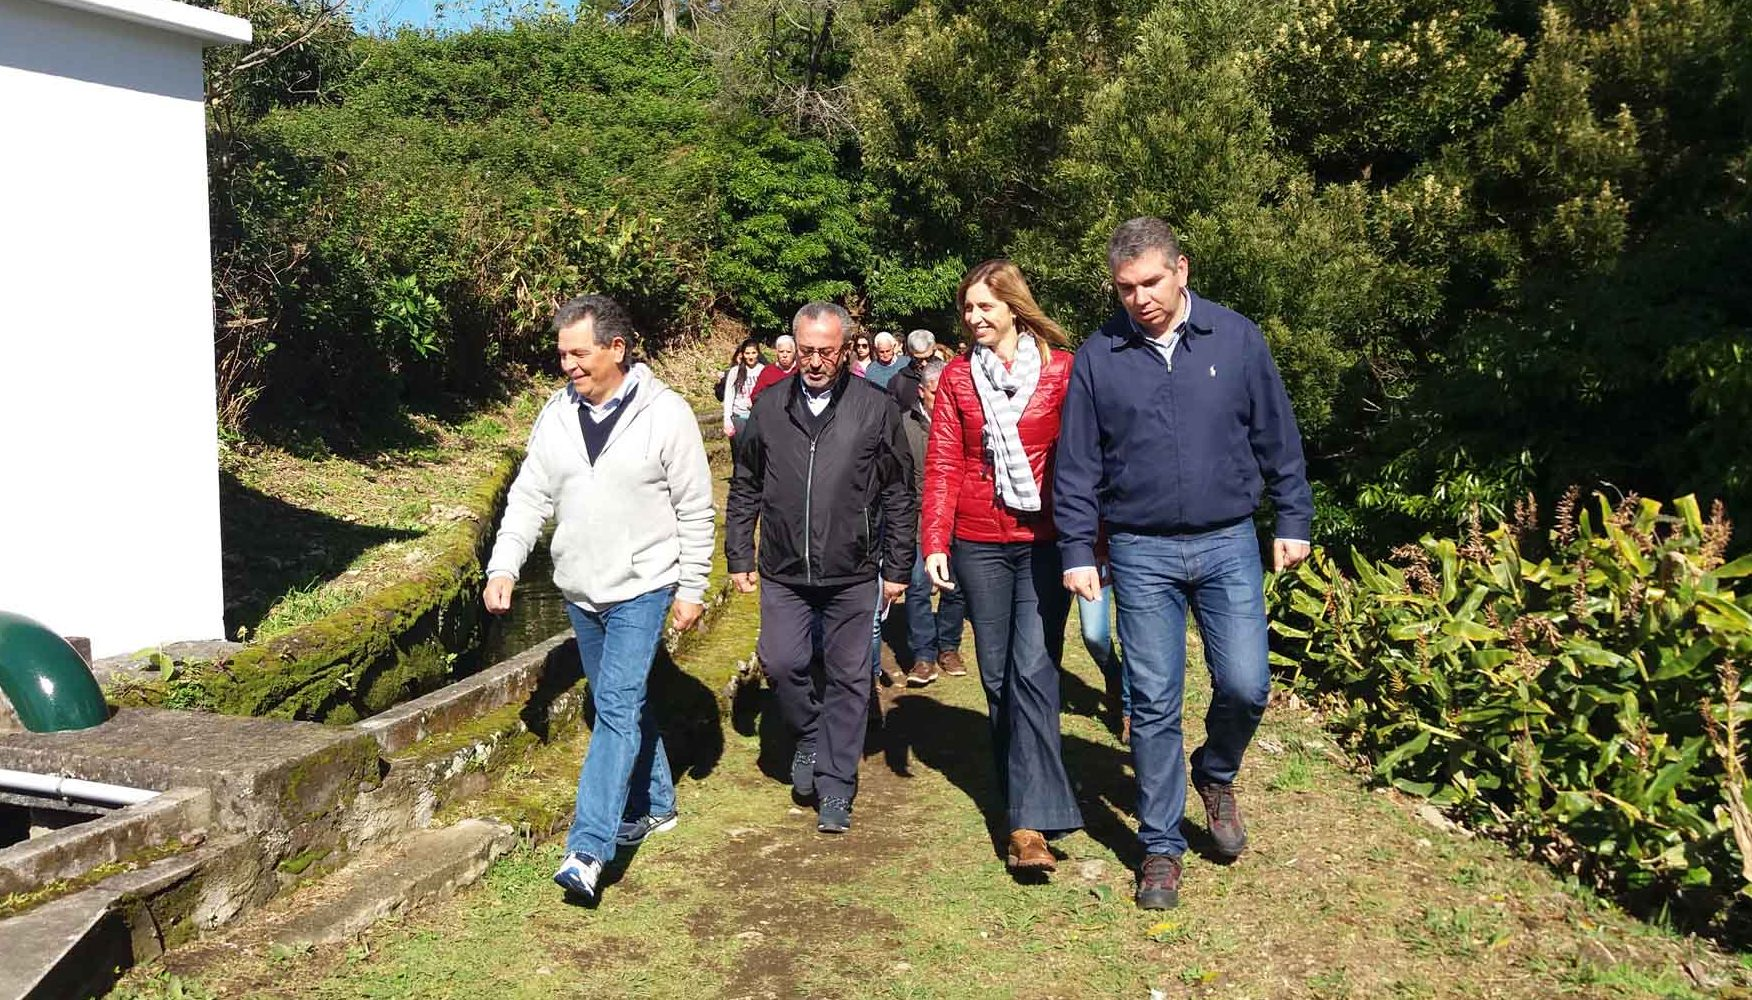 Trilhos pedestres incentivam turismo de natureza ativo, afirma Marta Guerreiro